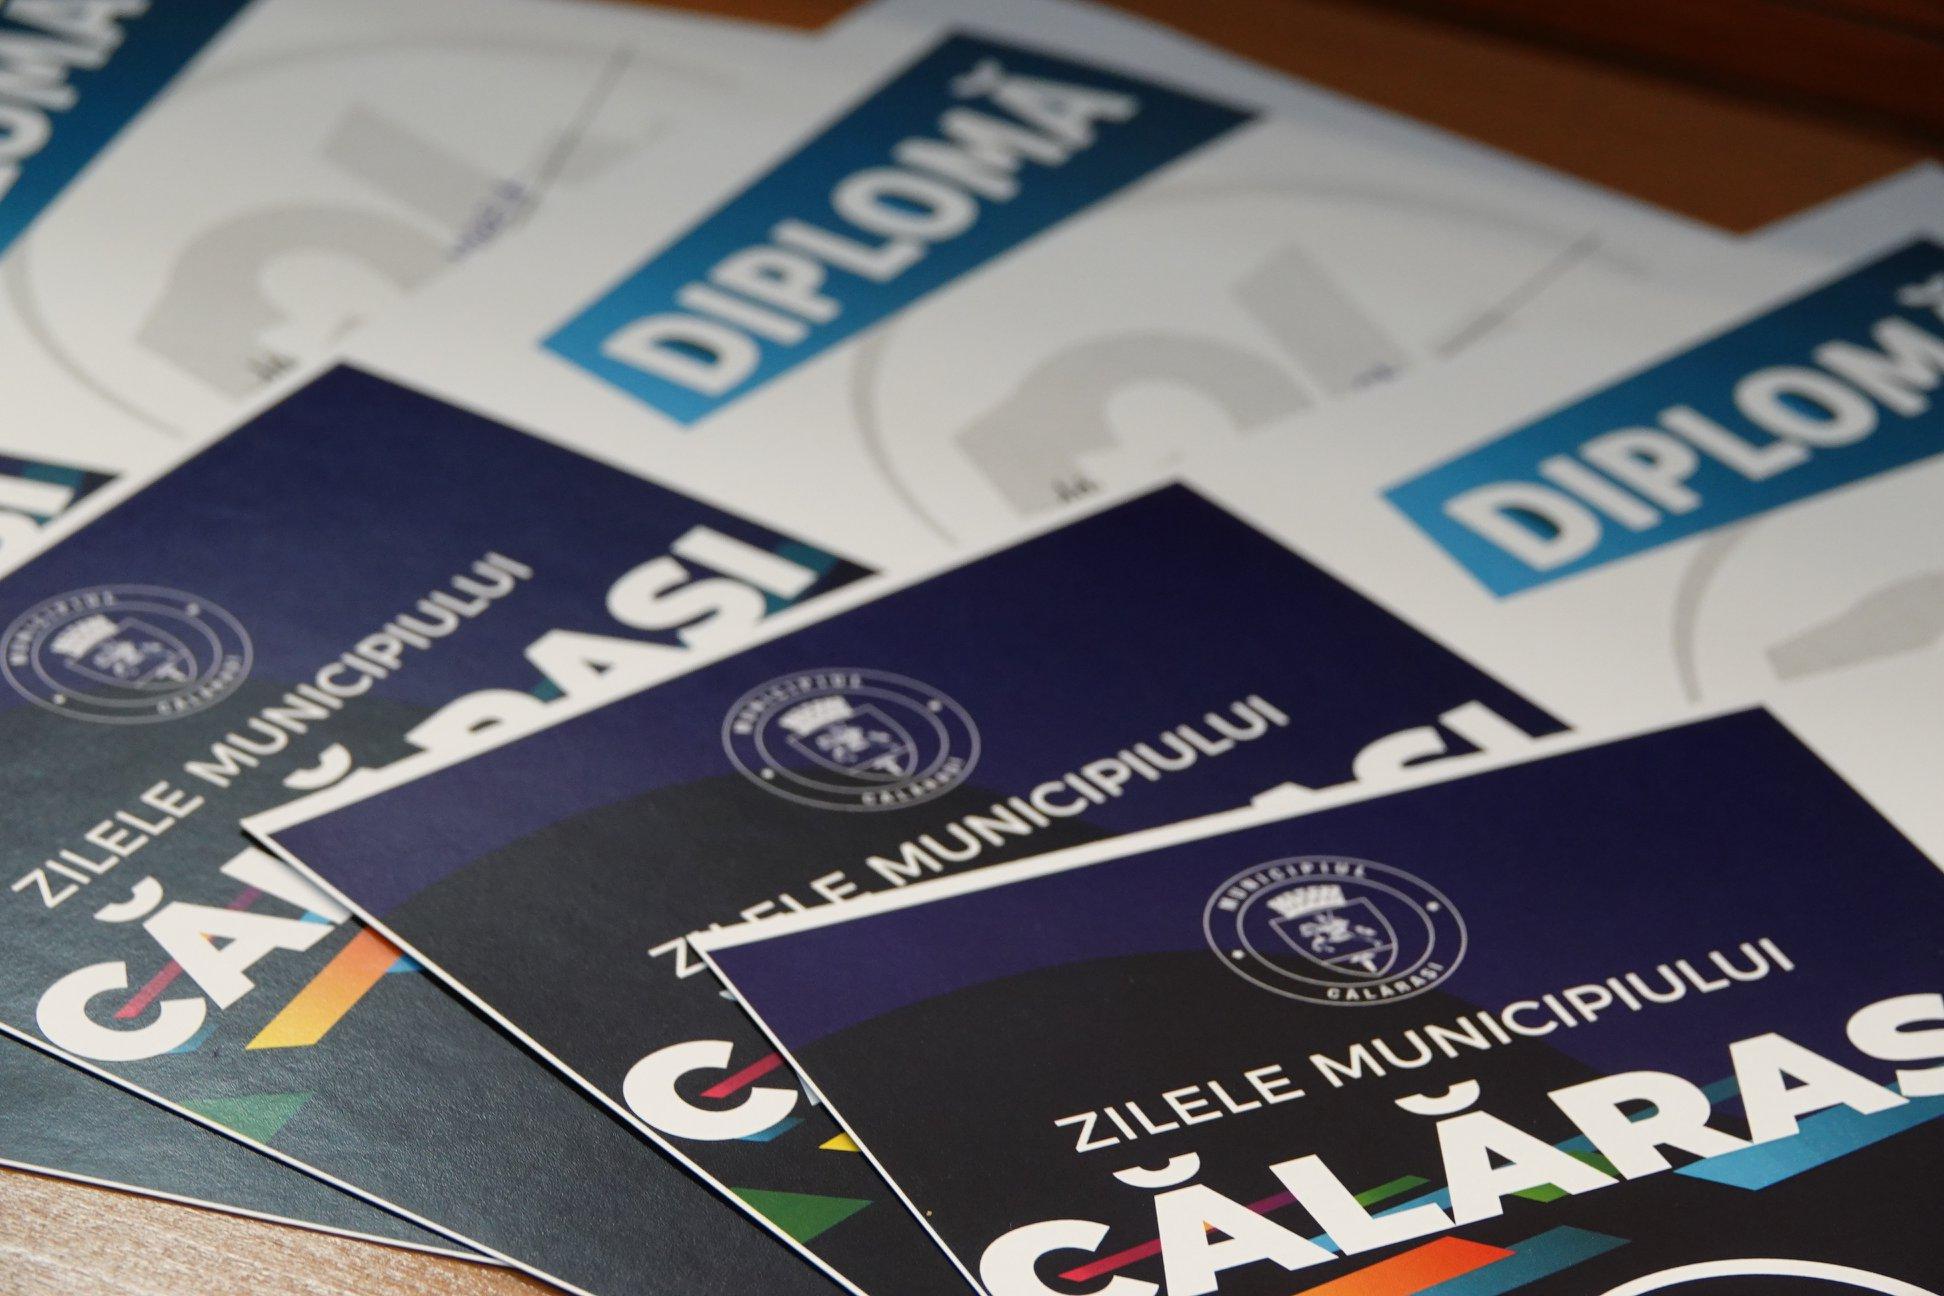 Municipiul Călărași a marcat 424 de atestare documentară, printr-o serie de evenimente culturale, artistice și sportive